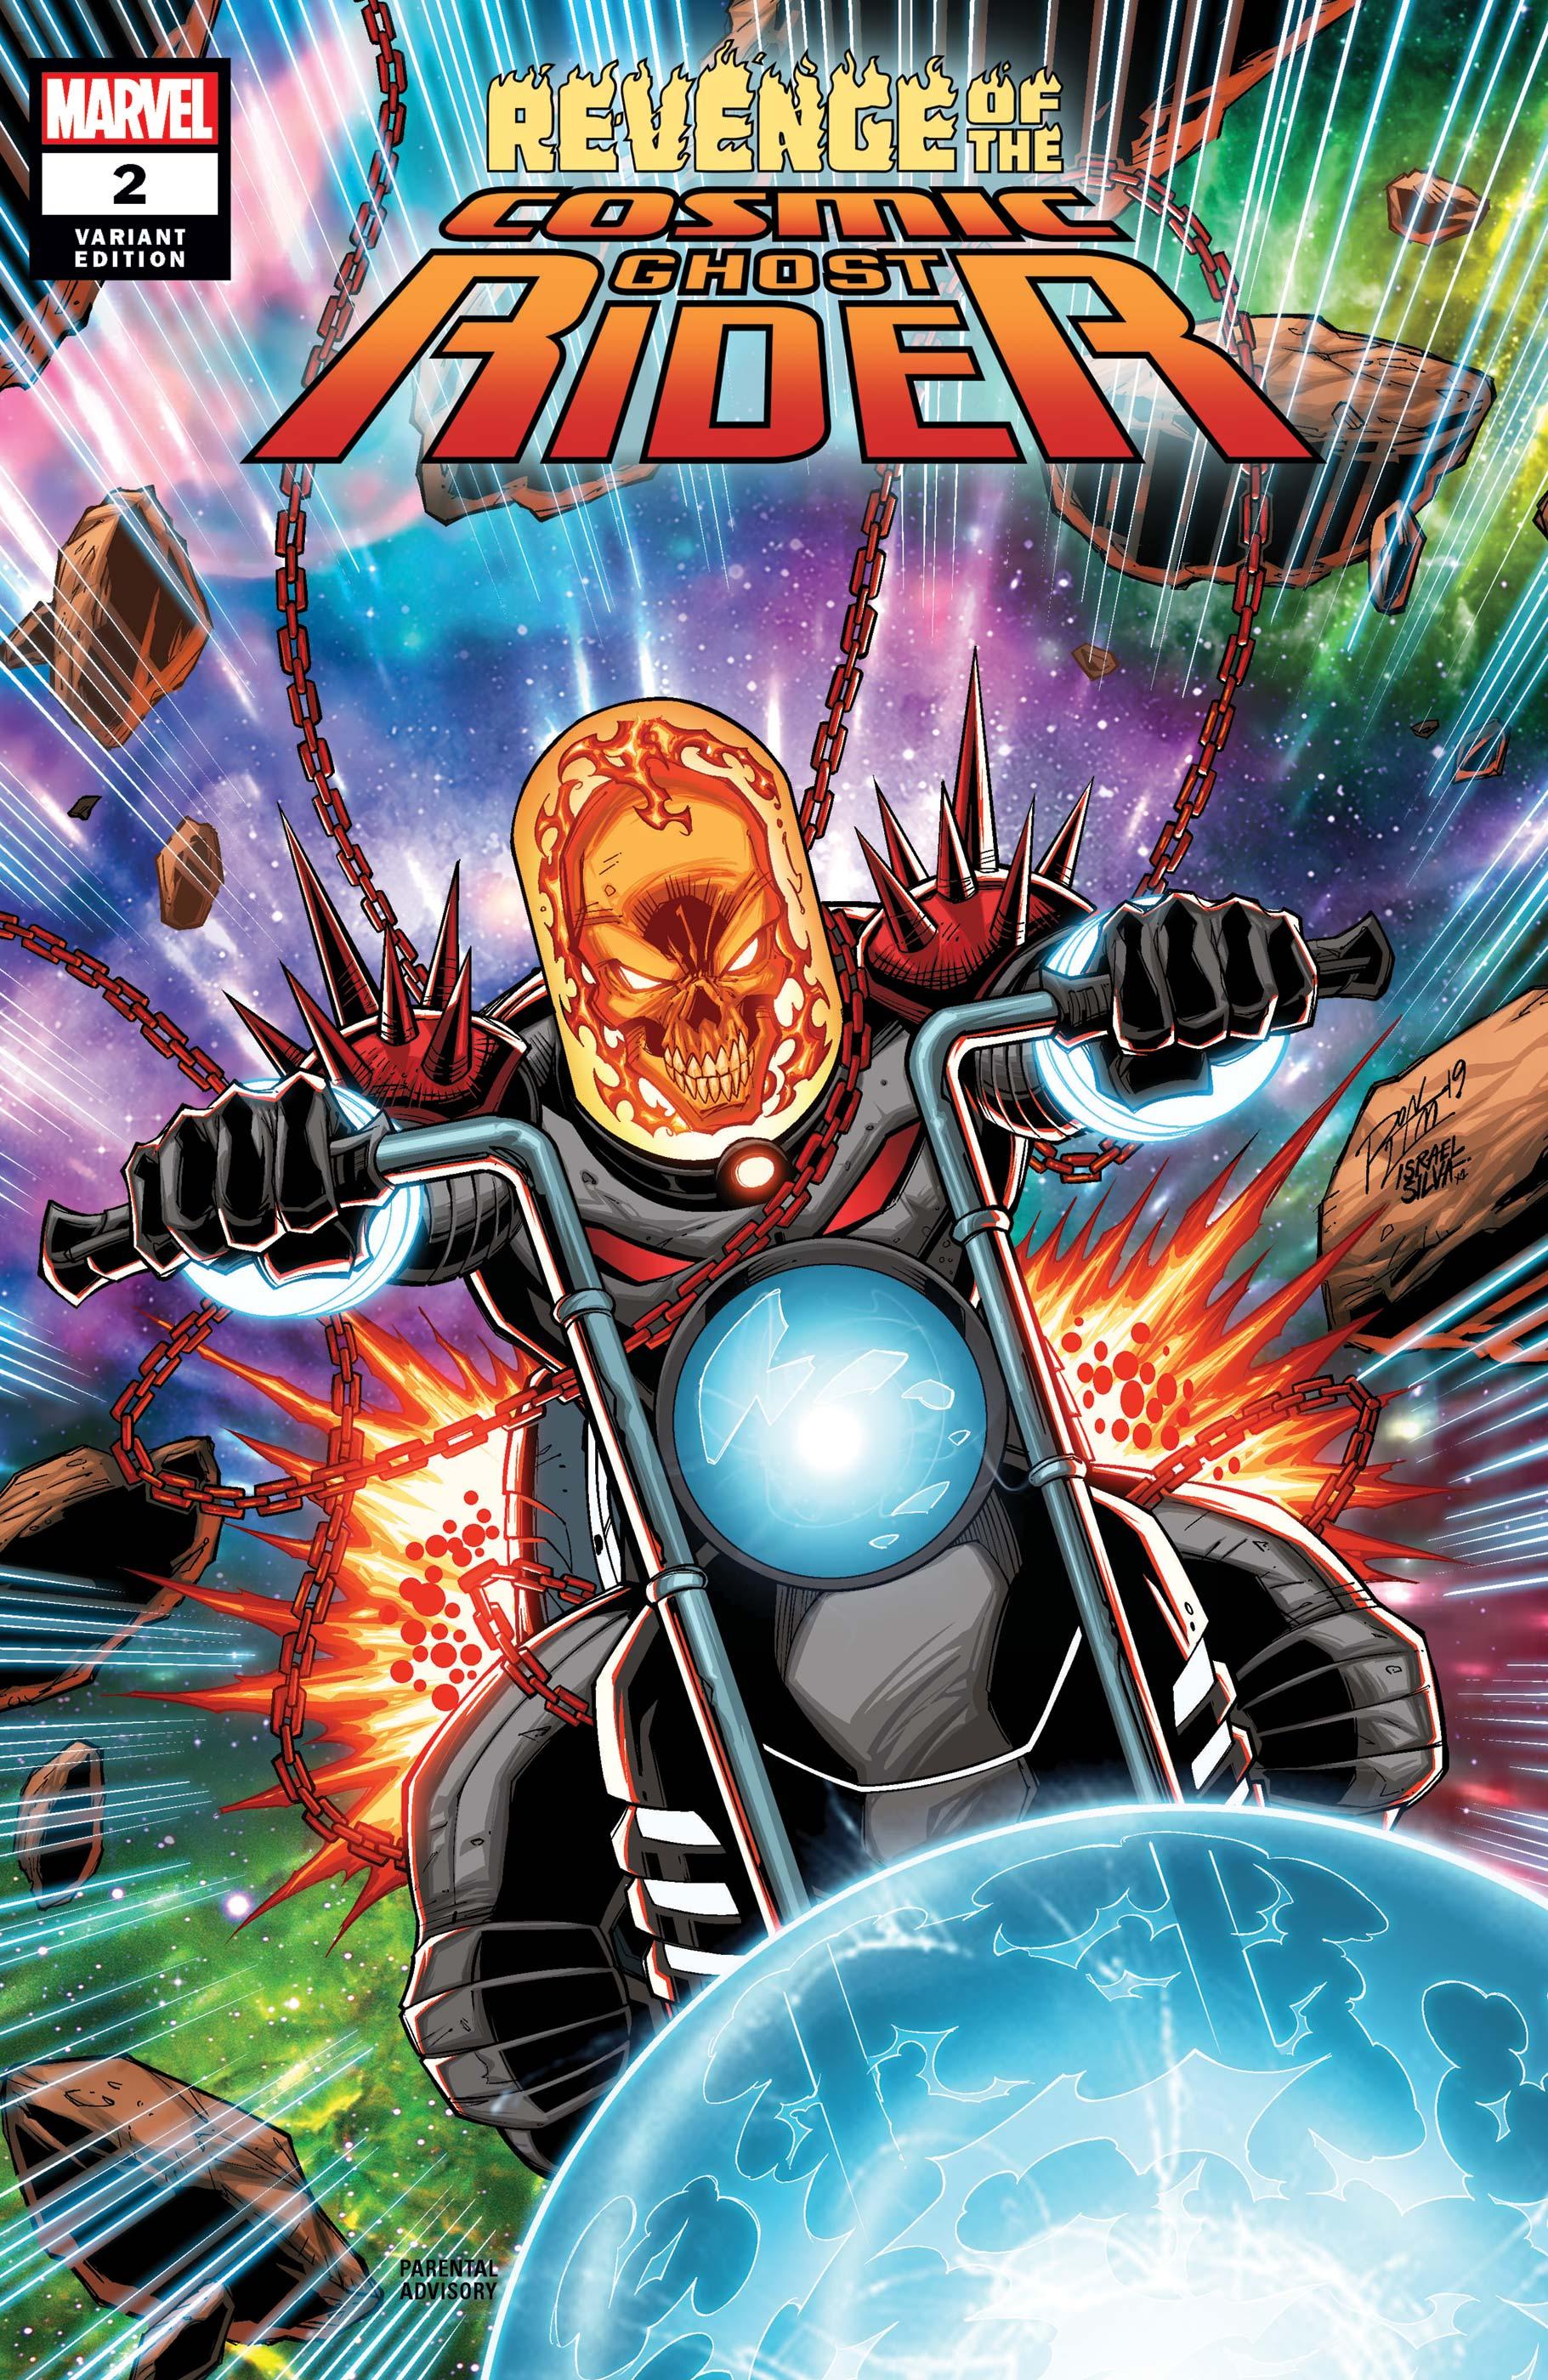 Revenge of the Cosmic Ghost Rider (2019) #2 (Variant)